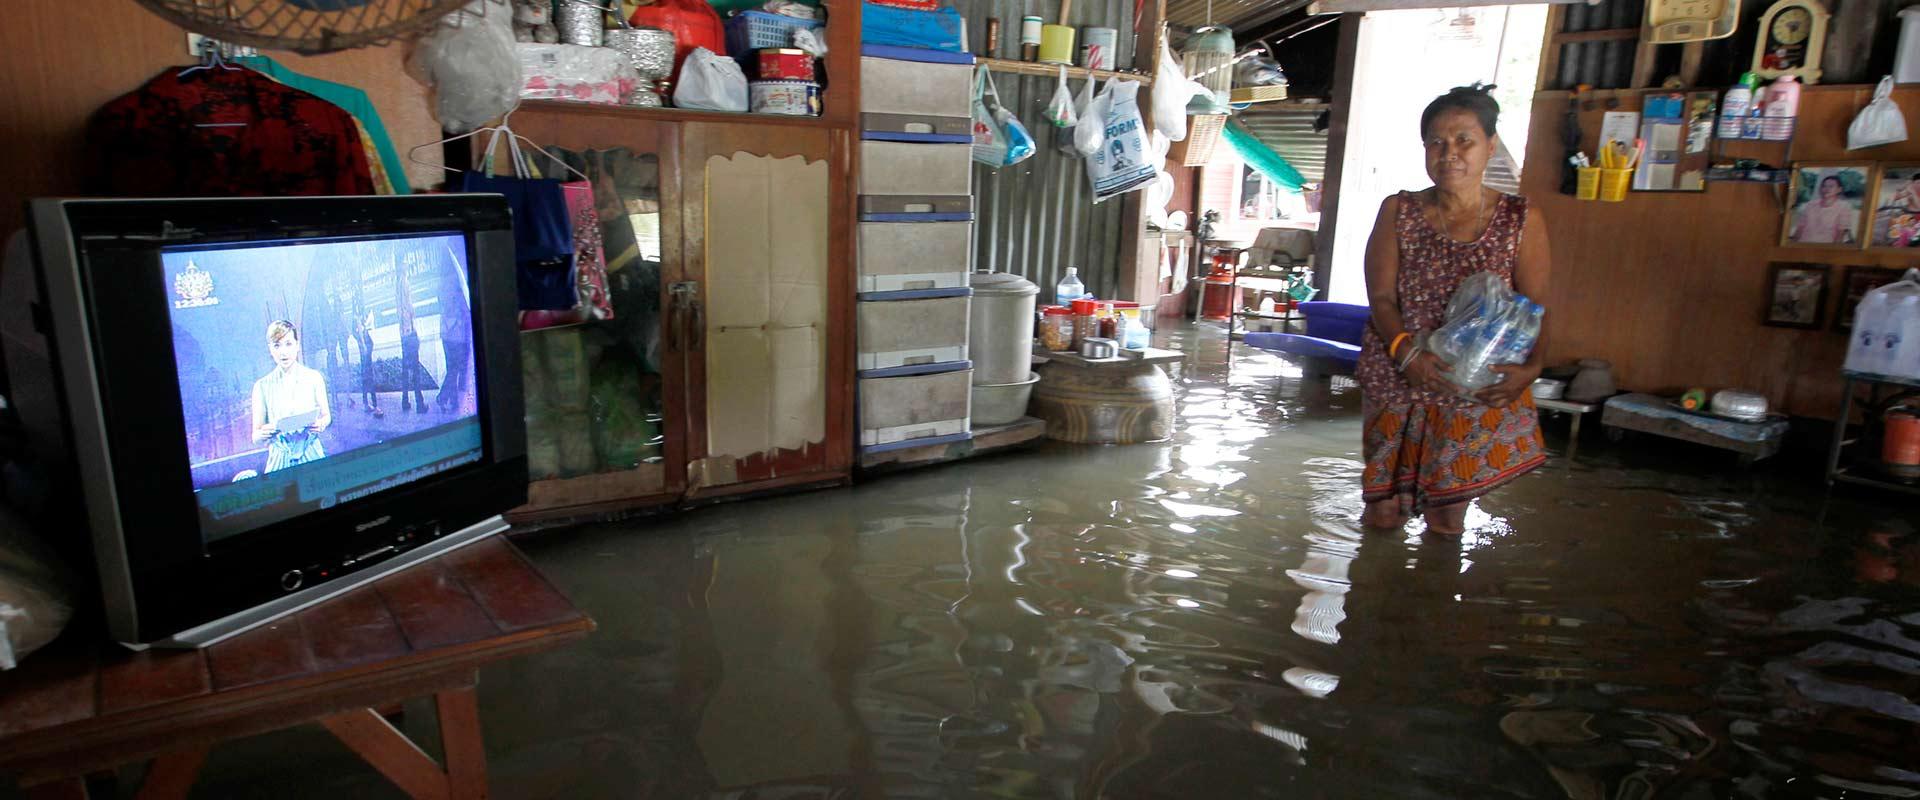 מונסון בתאילנד / צילום: רויטרס